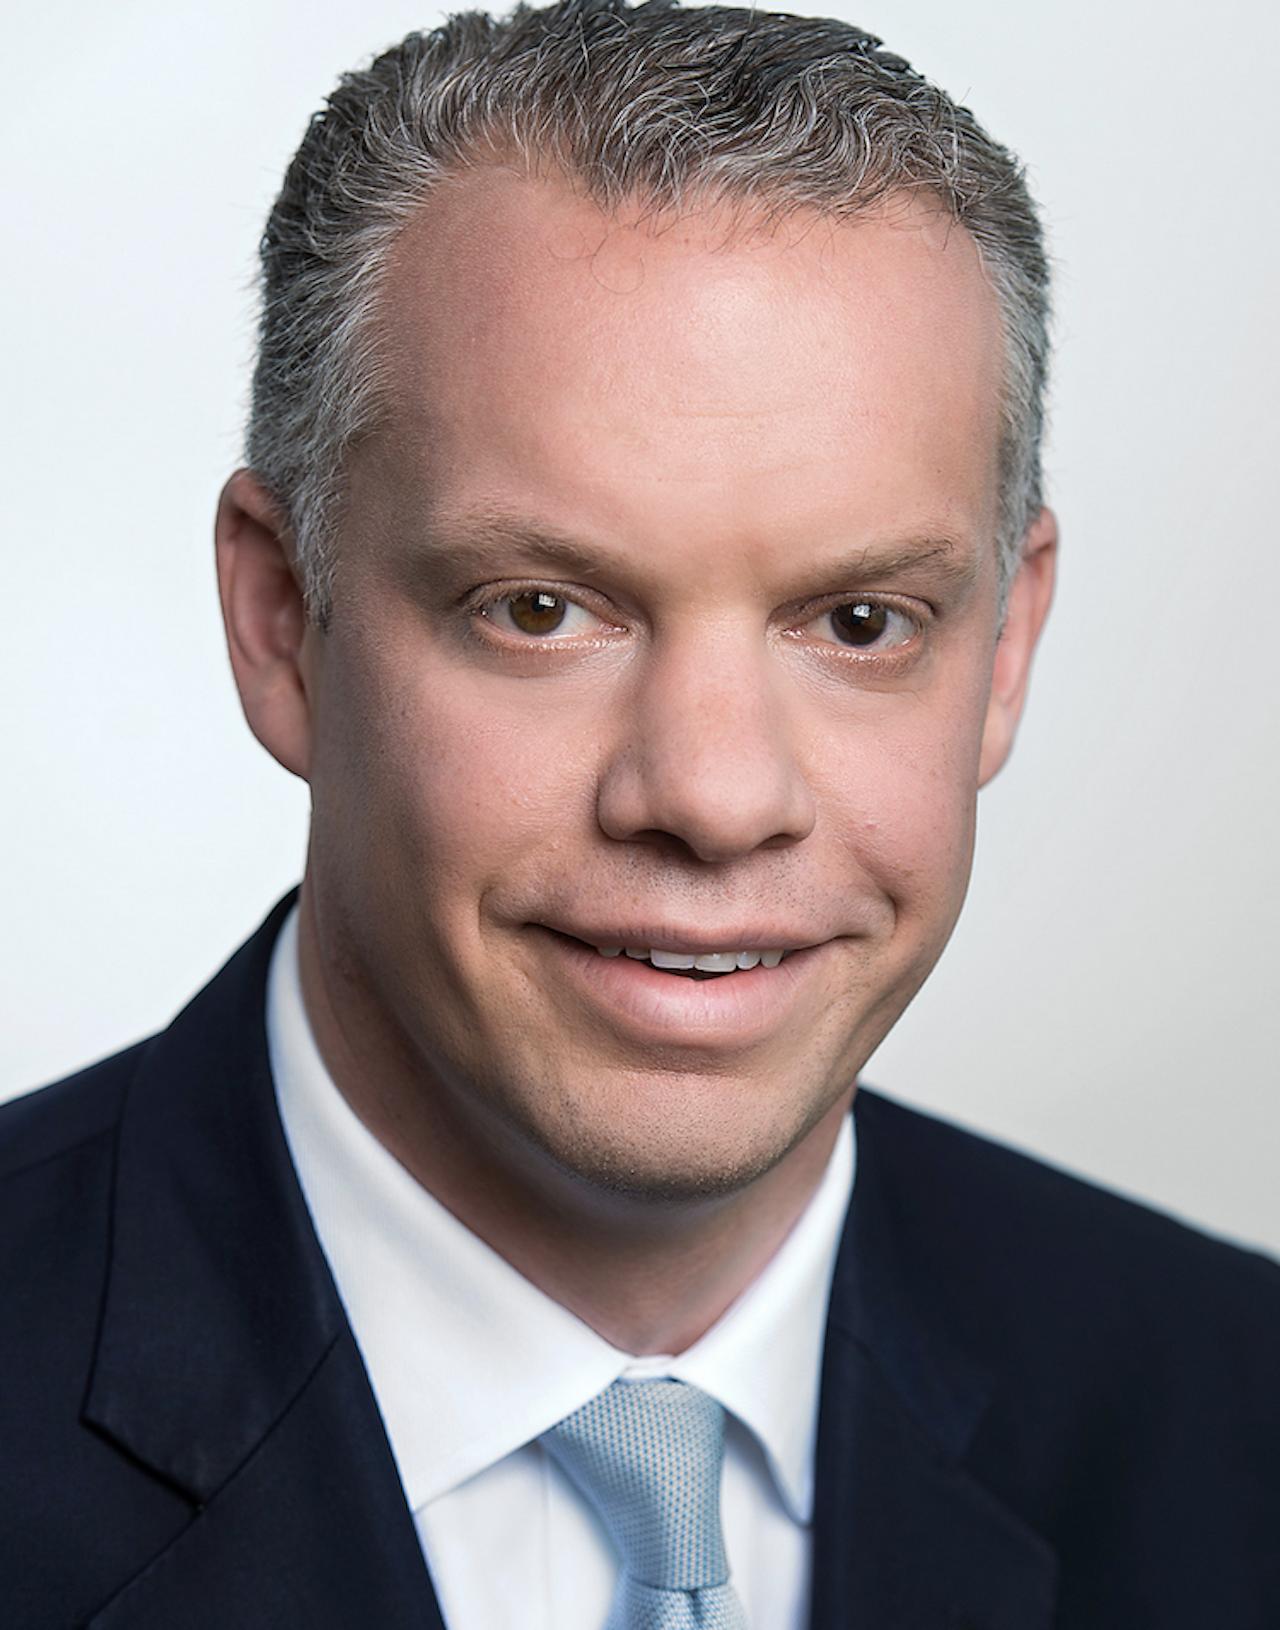 Bildschirmfoto-2020-09-01-um-17 59 58 in BNY Mellon: Neuer Chef für Deutschland, Schweiz, Österreich und CEE